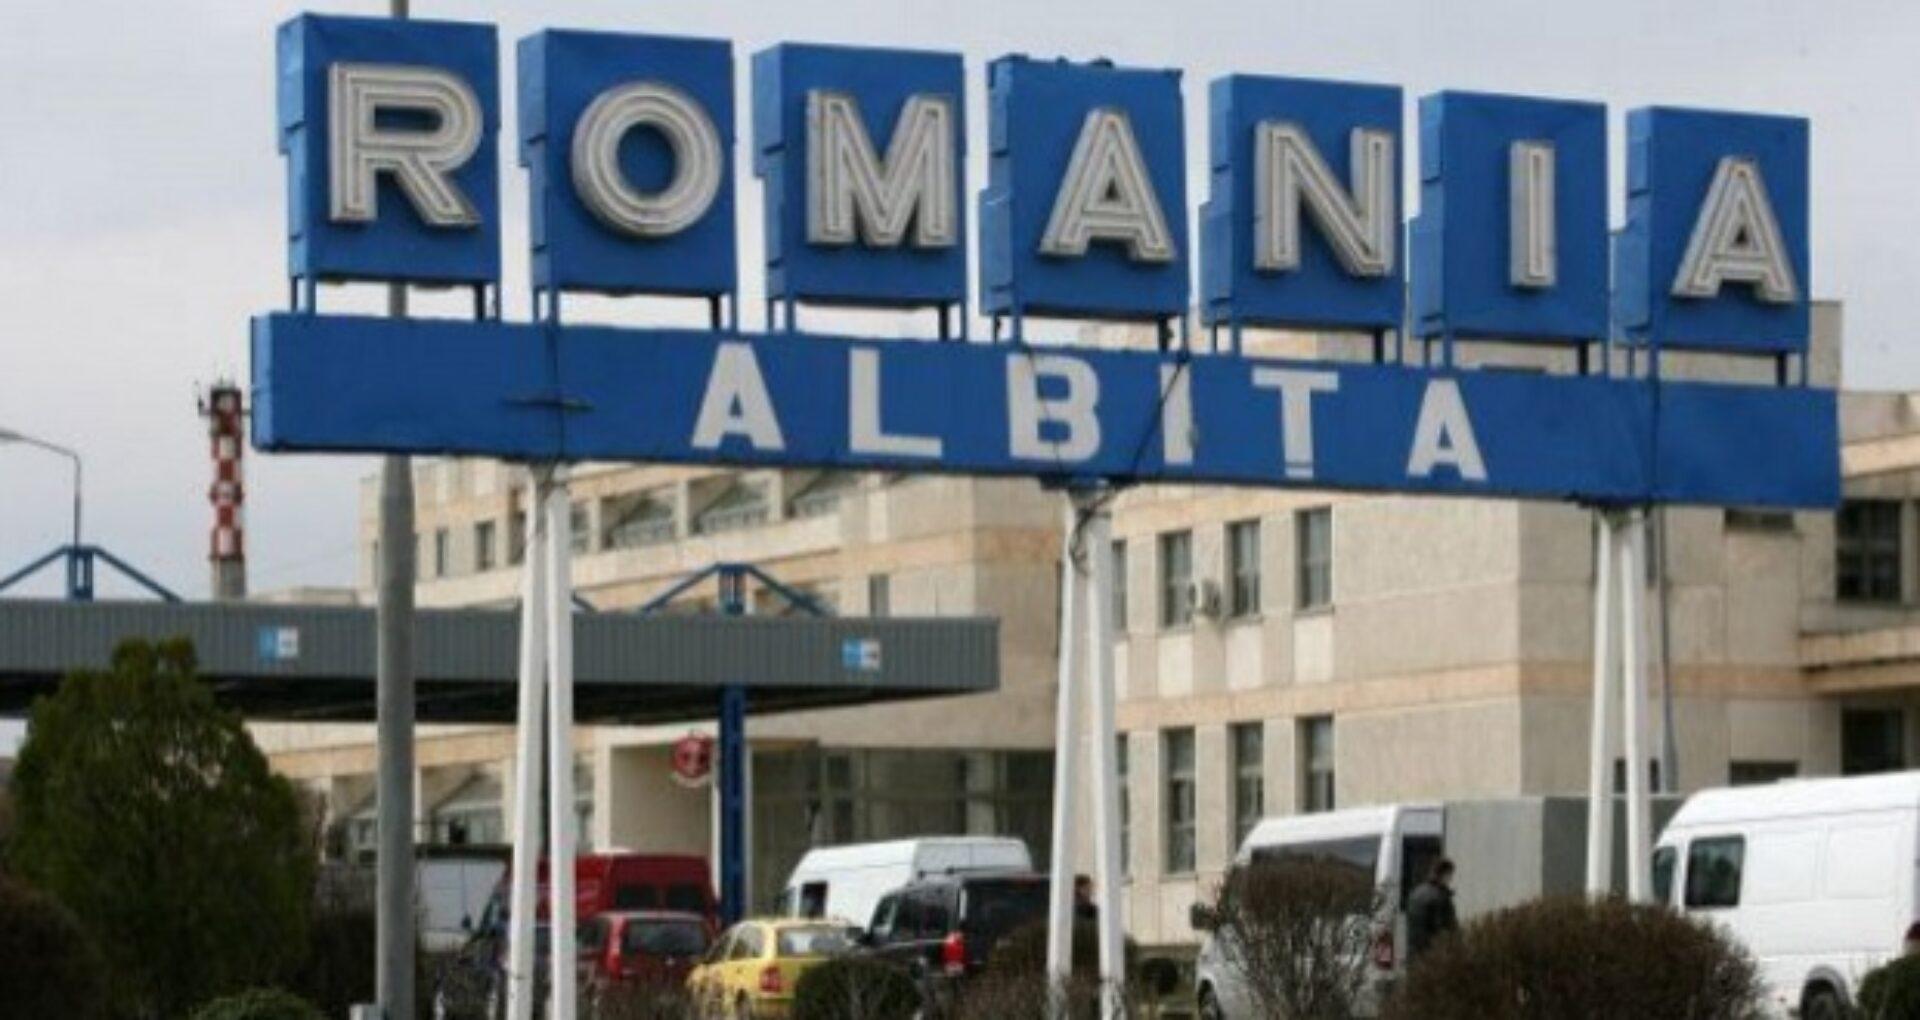 DOC/ Cu dovada vaccinării sau rezultat negativ la testul COVID. Guvernul de la București anunță condițiile în care cetățenii R. Moldova pot călători în România, începând cu 1 iunie